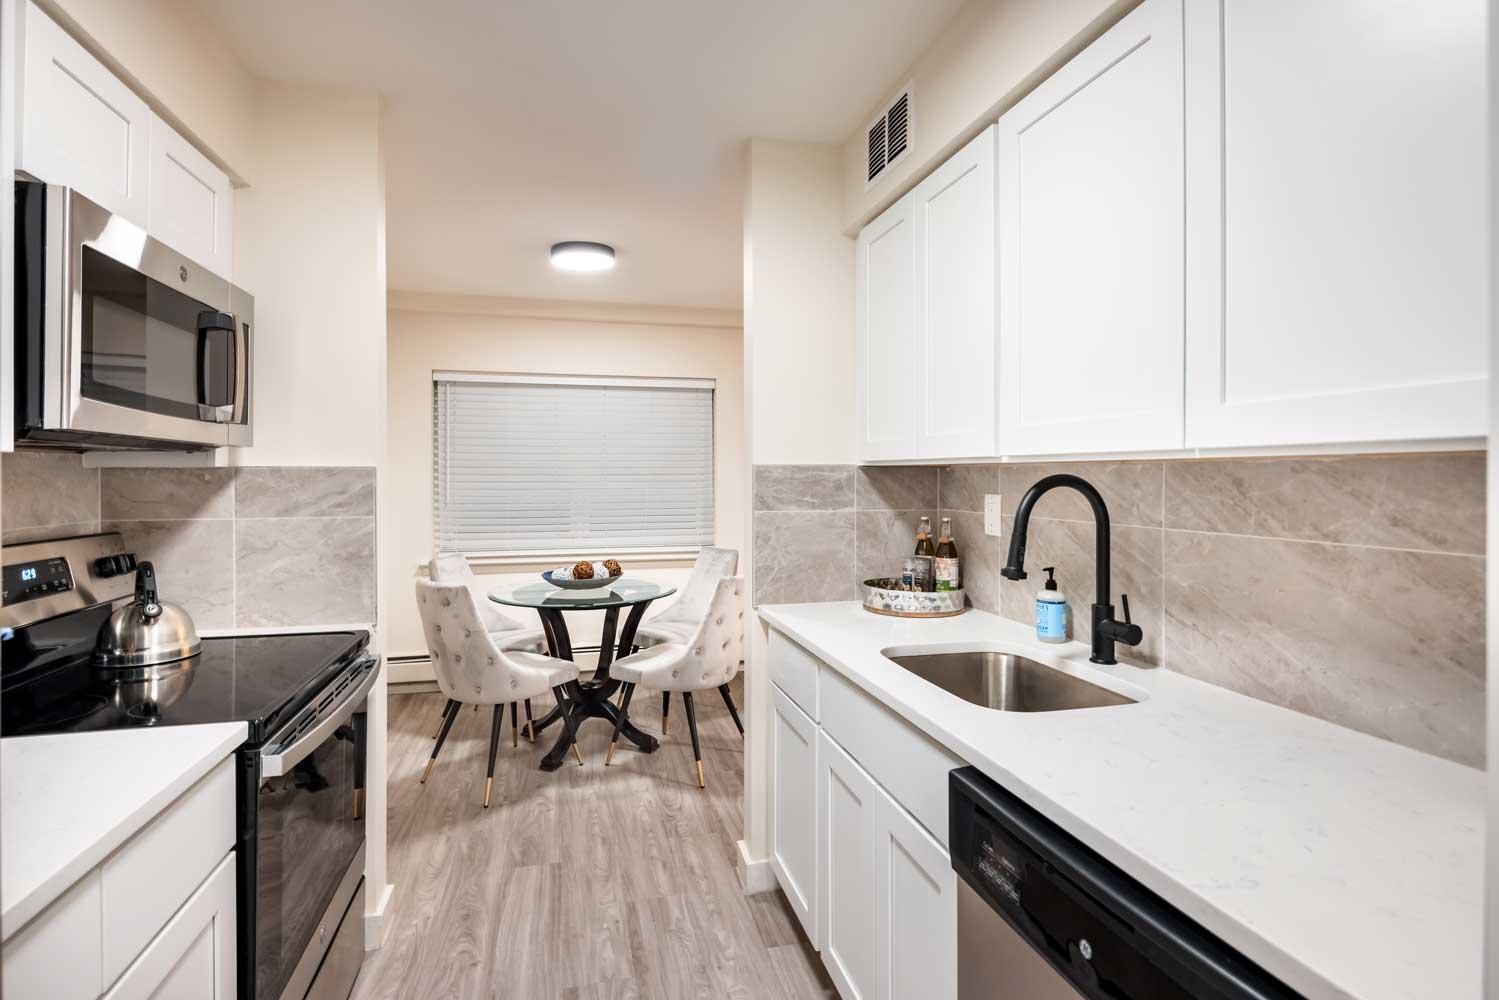 Kitchen View at River Edge at Nyack Apartments in Nyack, NY